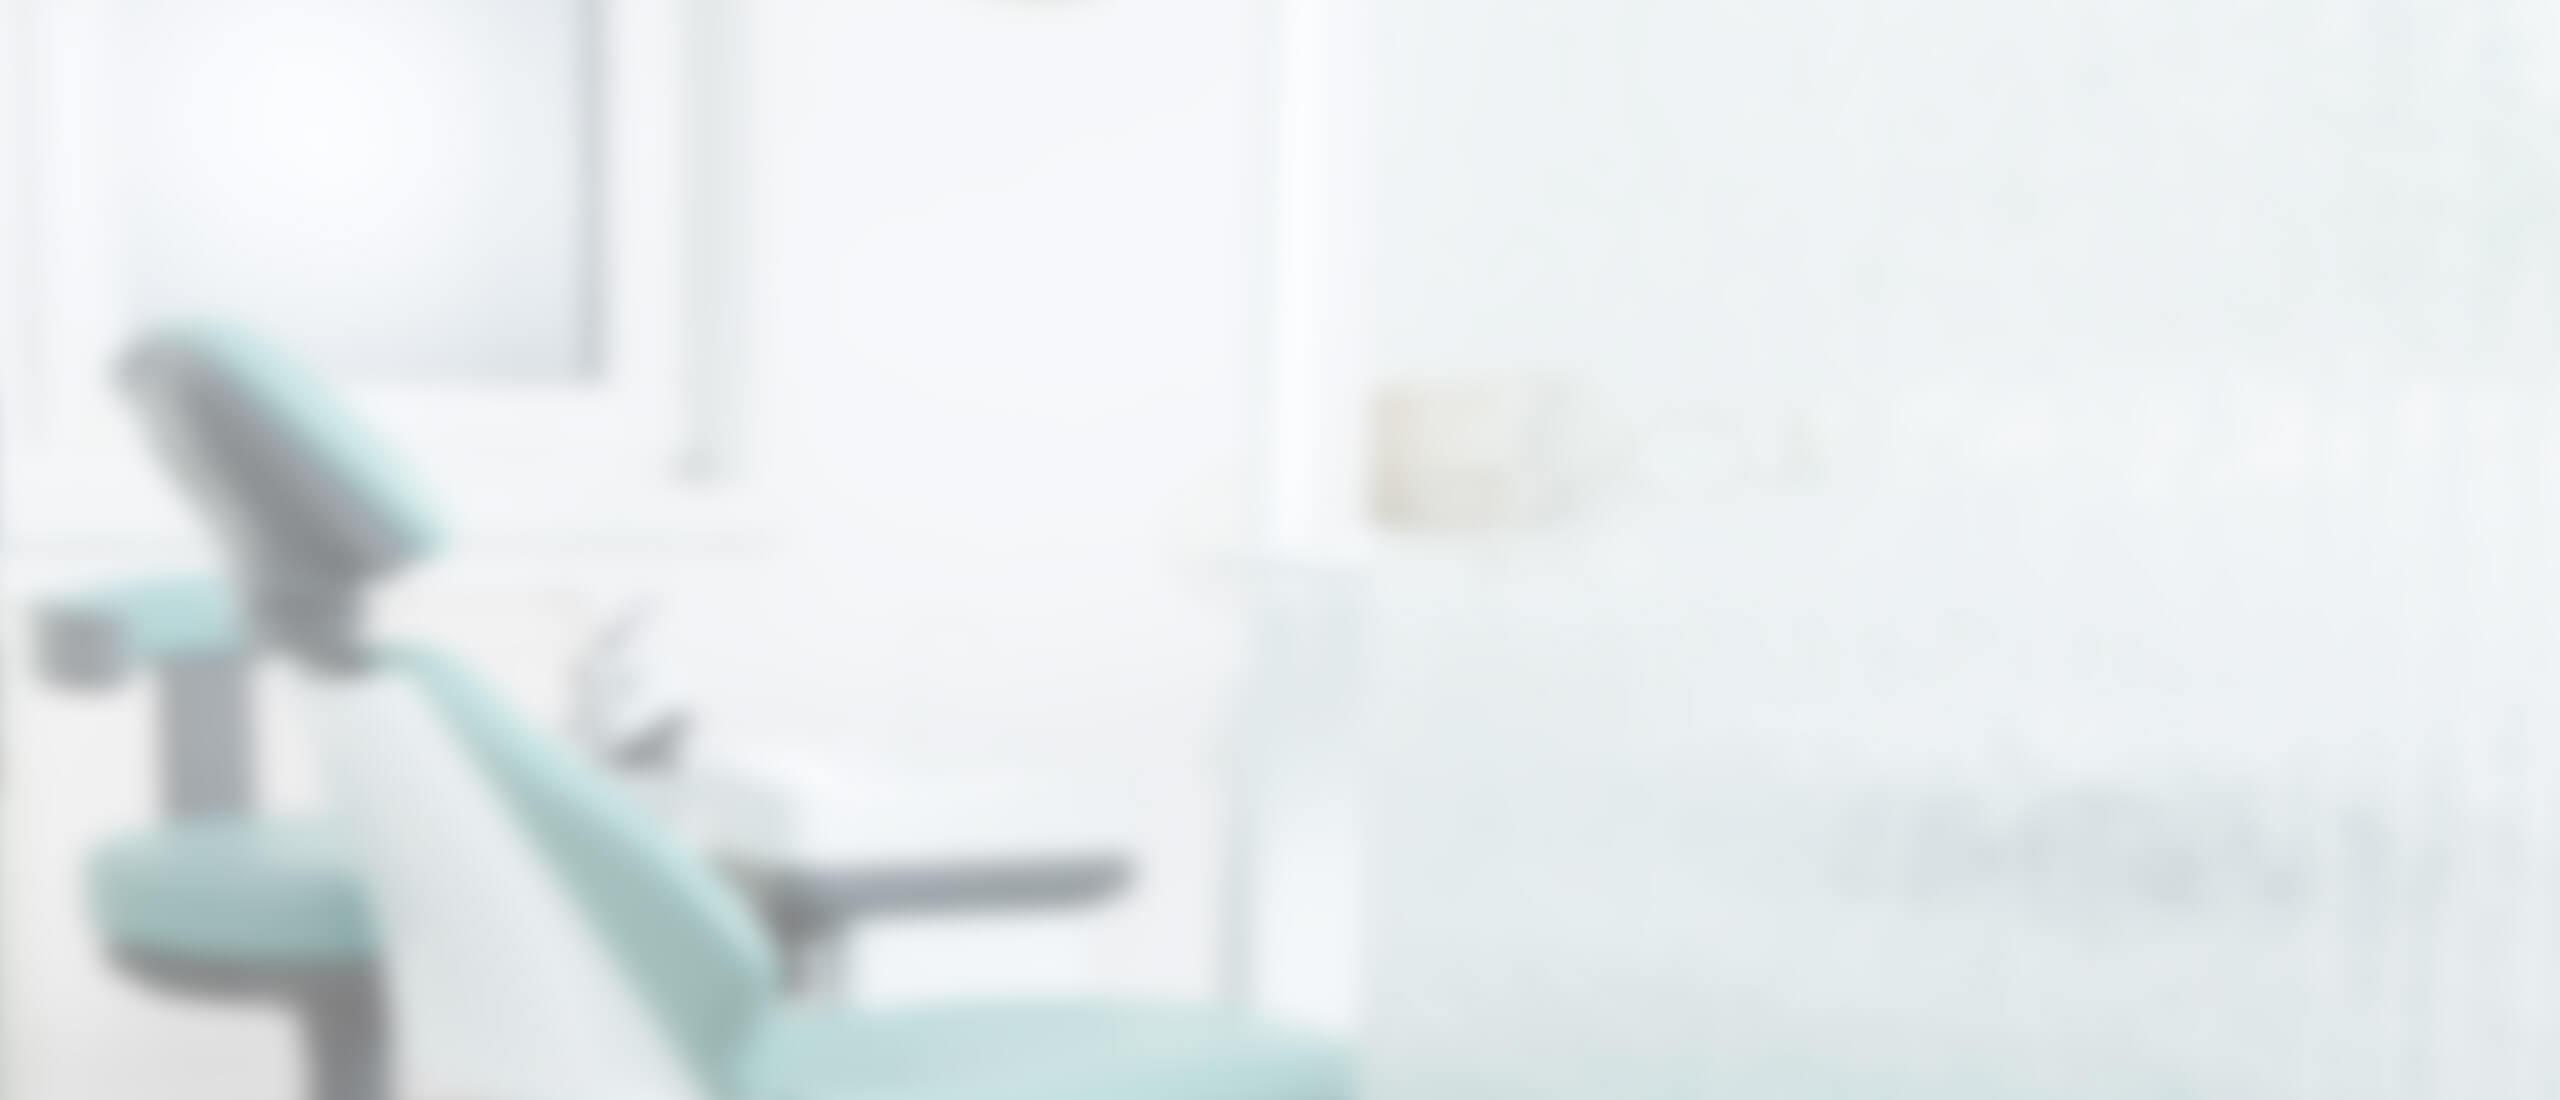 Zahnarzt Praxis Dr. med. dent. Talayeh Zadeh in Essen Huttrop - Professionelle Zahnreinigung | Zahnstein | Prophylaxe | Bleaching | Parodontologie | Ästhetik | Prothesen | Implantate | Wurzelbehandlung und mehr